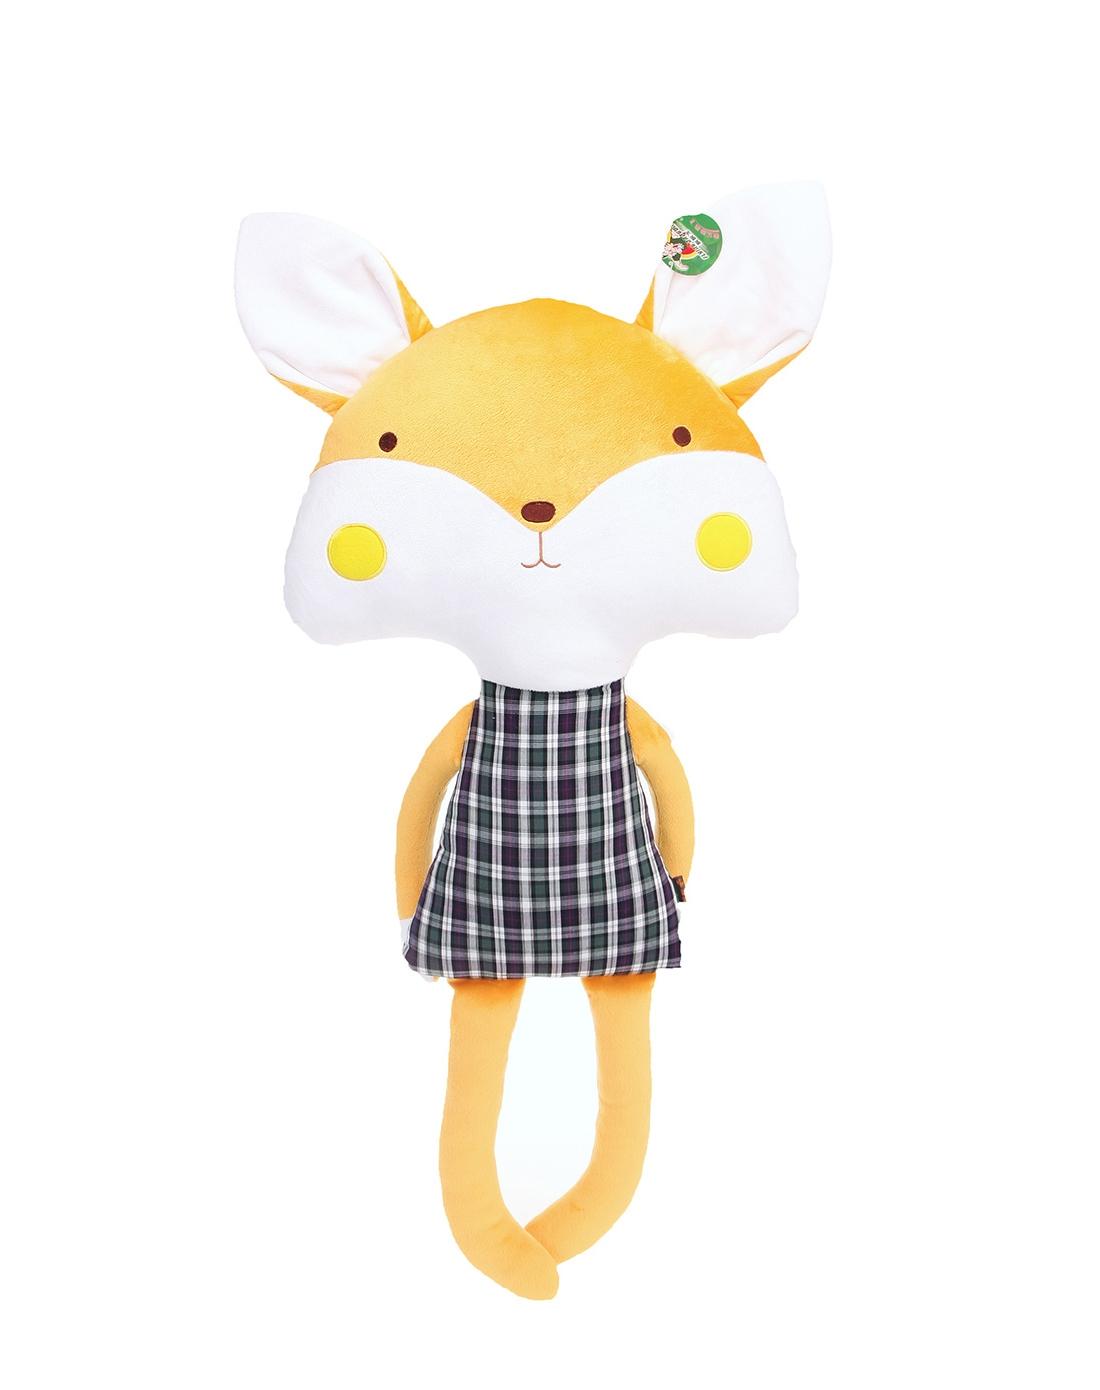 飘飘龙毛绒玩具专场可爱娃娃创意狐狸玩偶公仔112